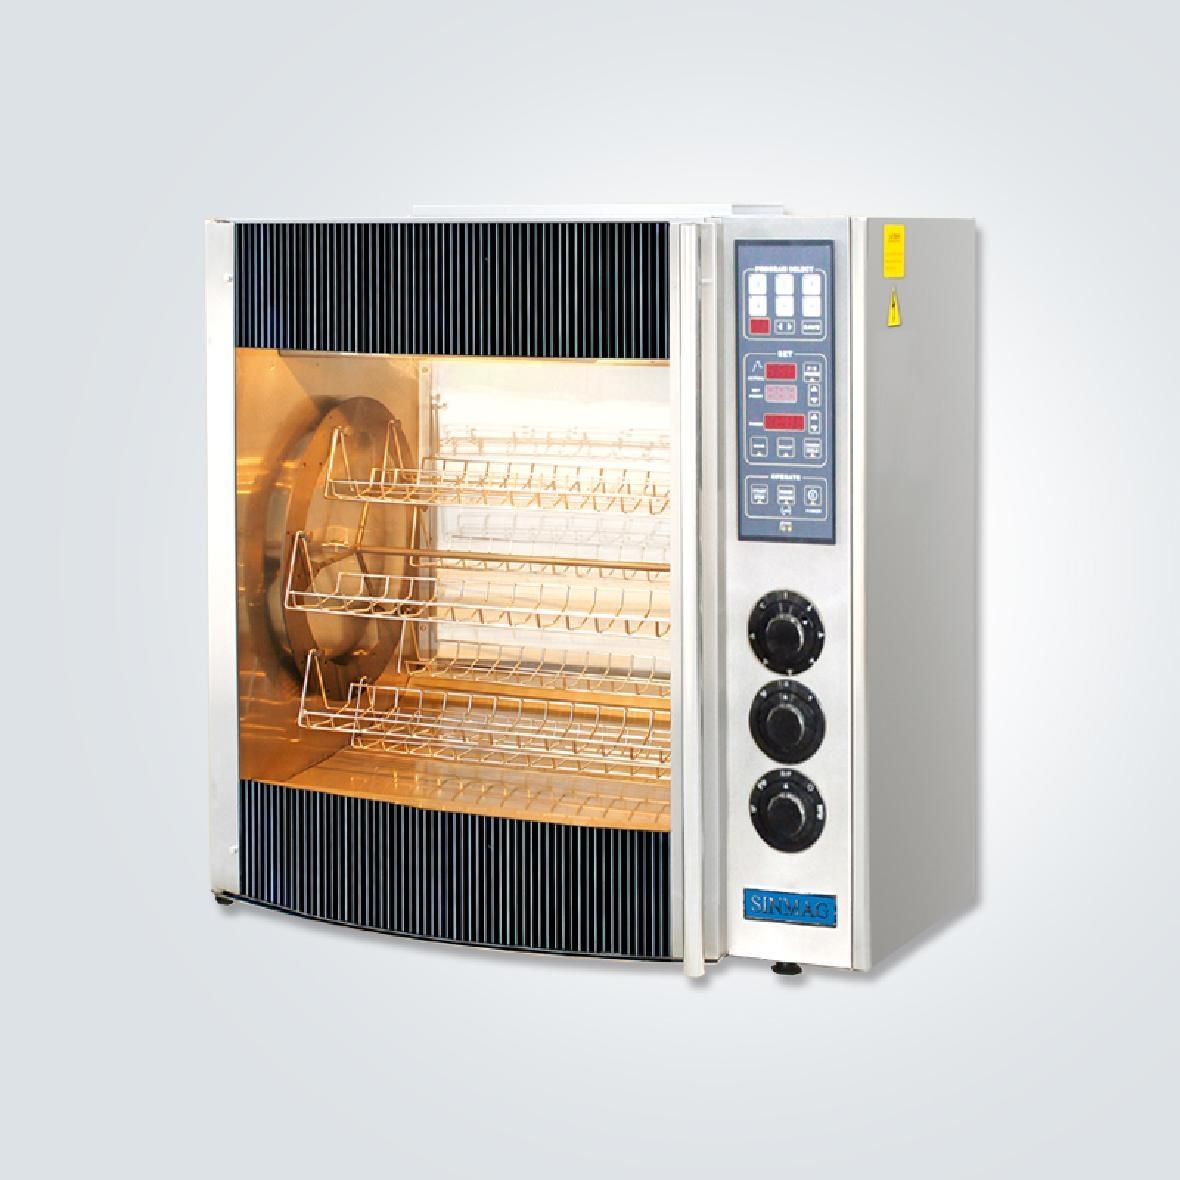 雙開門烤雞爐 SR7-PT